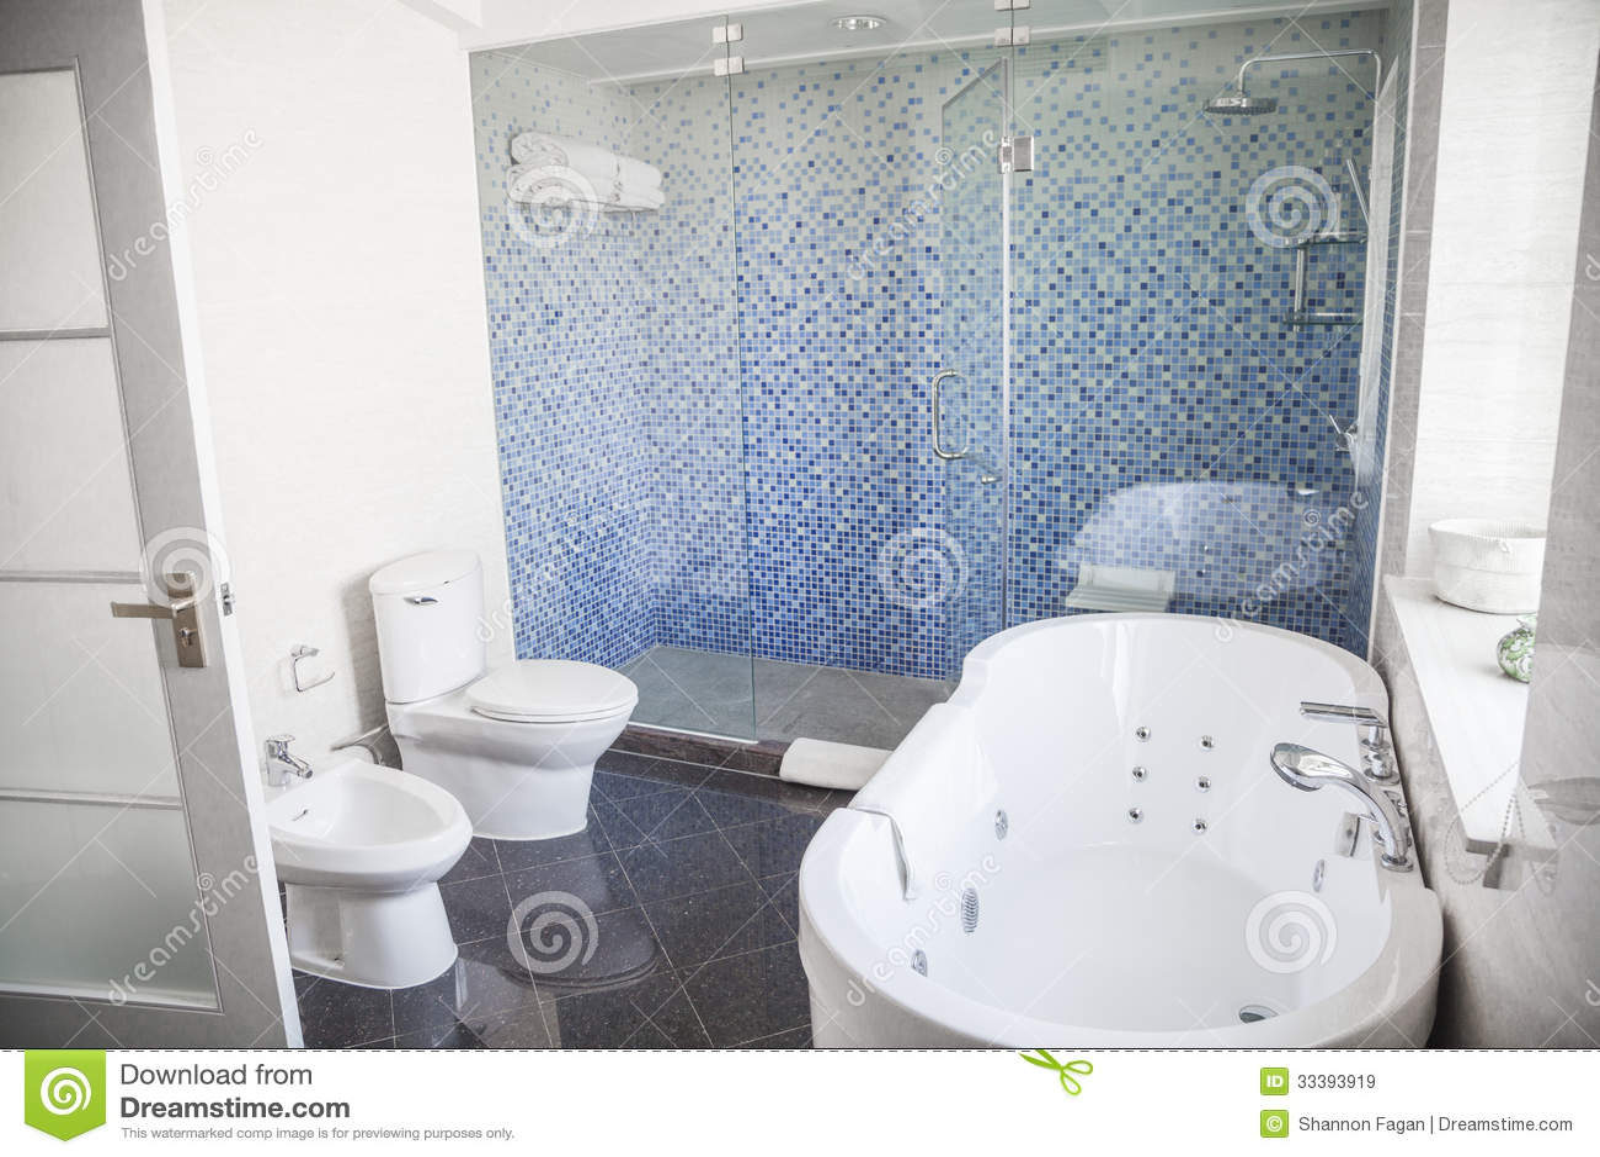 Moderno pulito bagno con la toilette lavandino doccia - Bagno moderno con vasca ...